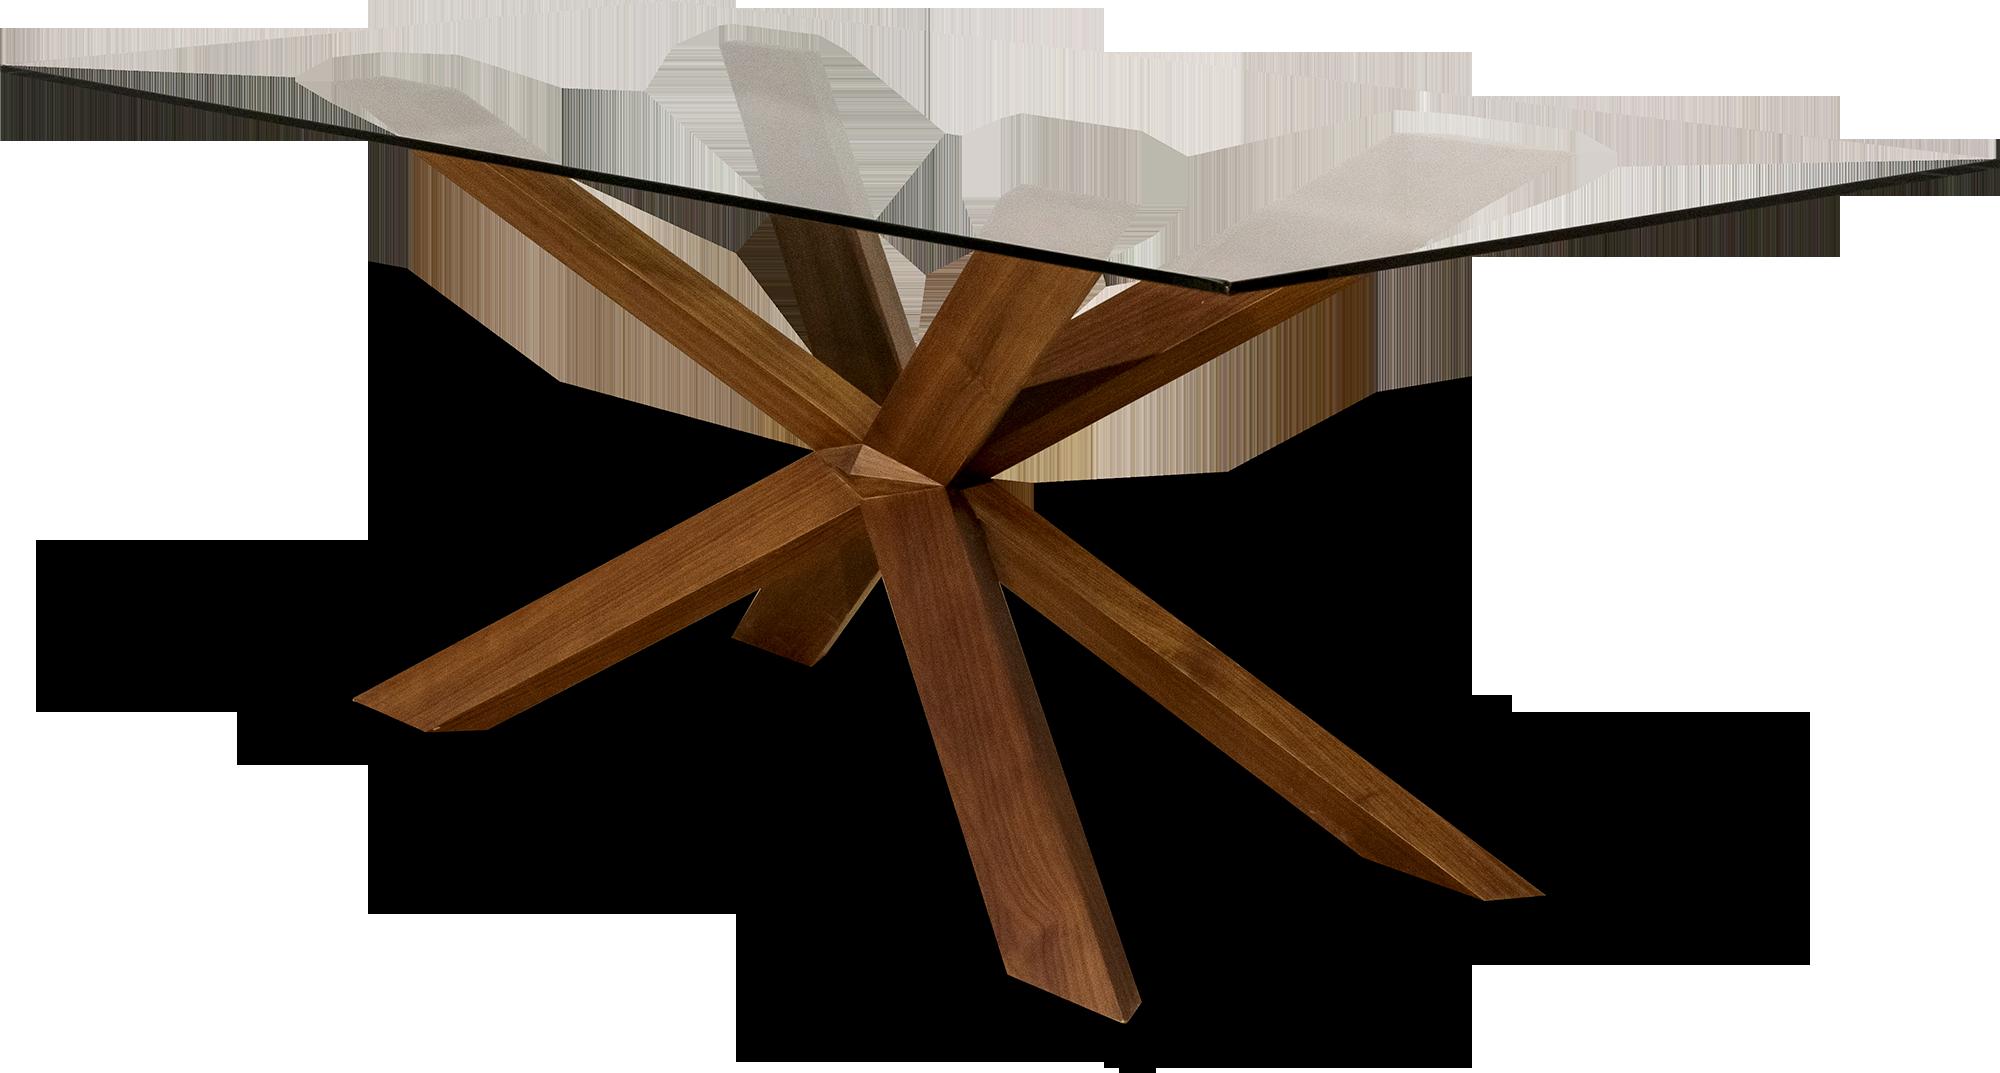 Τραπεζαρία με κρύσταλλο και ξύλινα πόδια